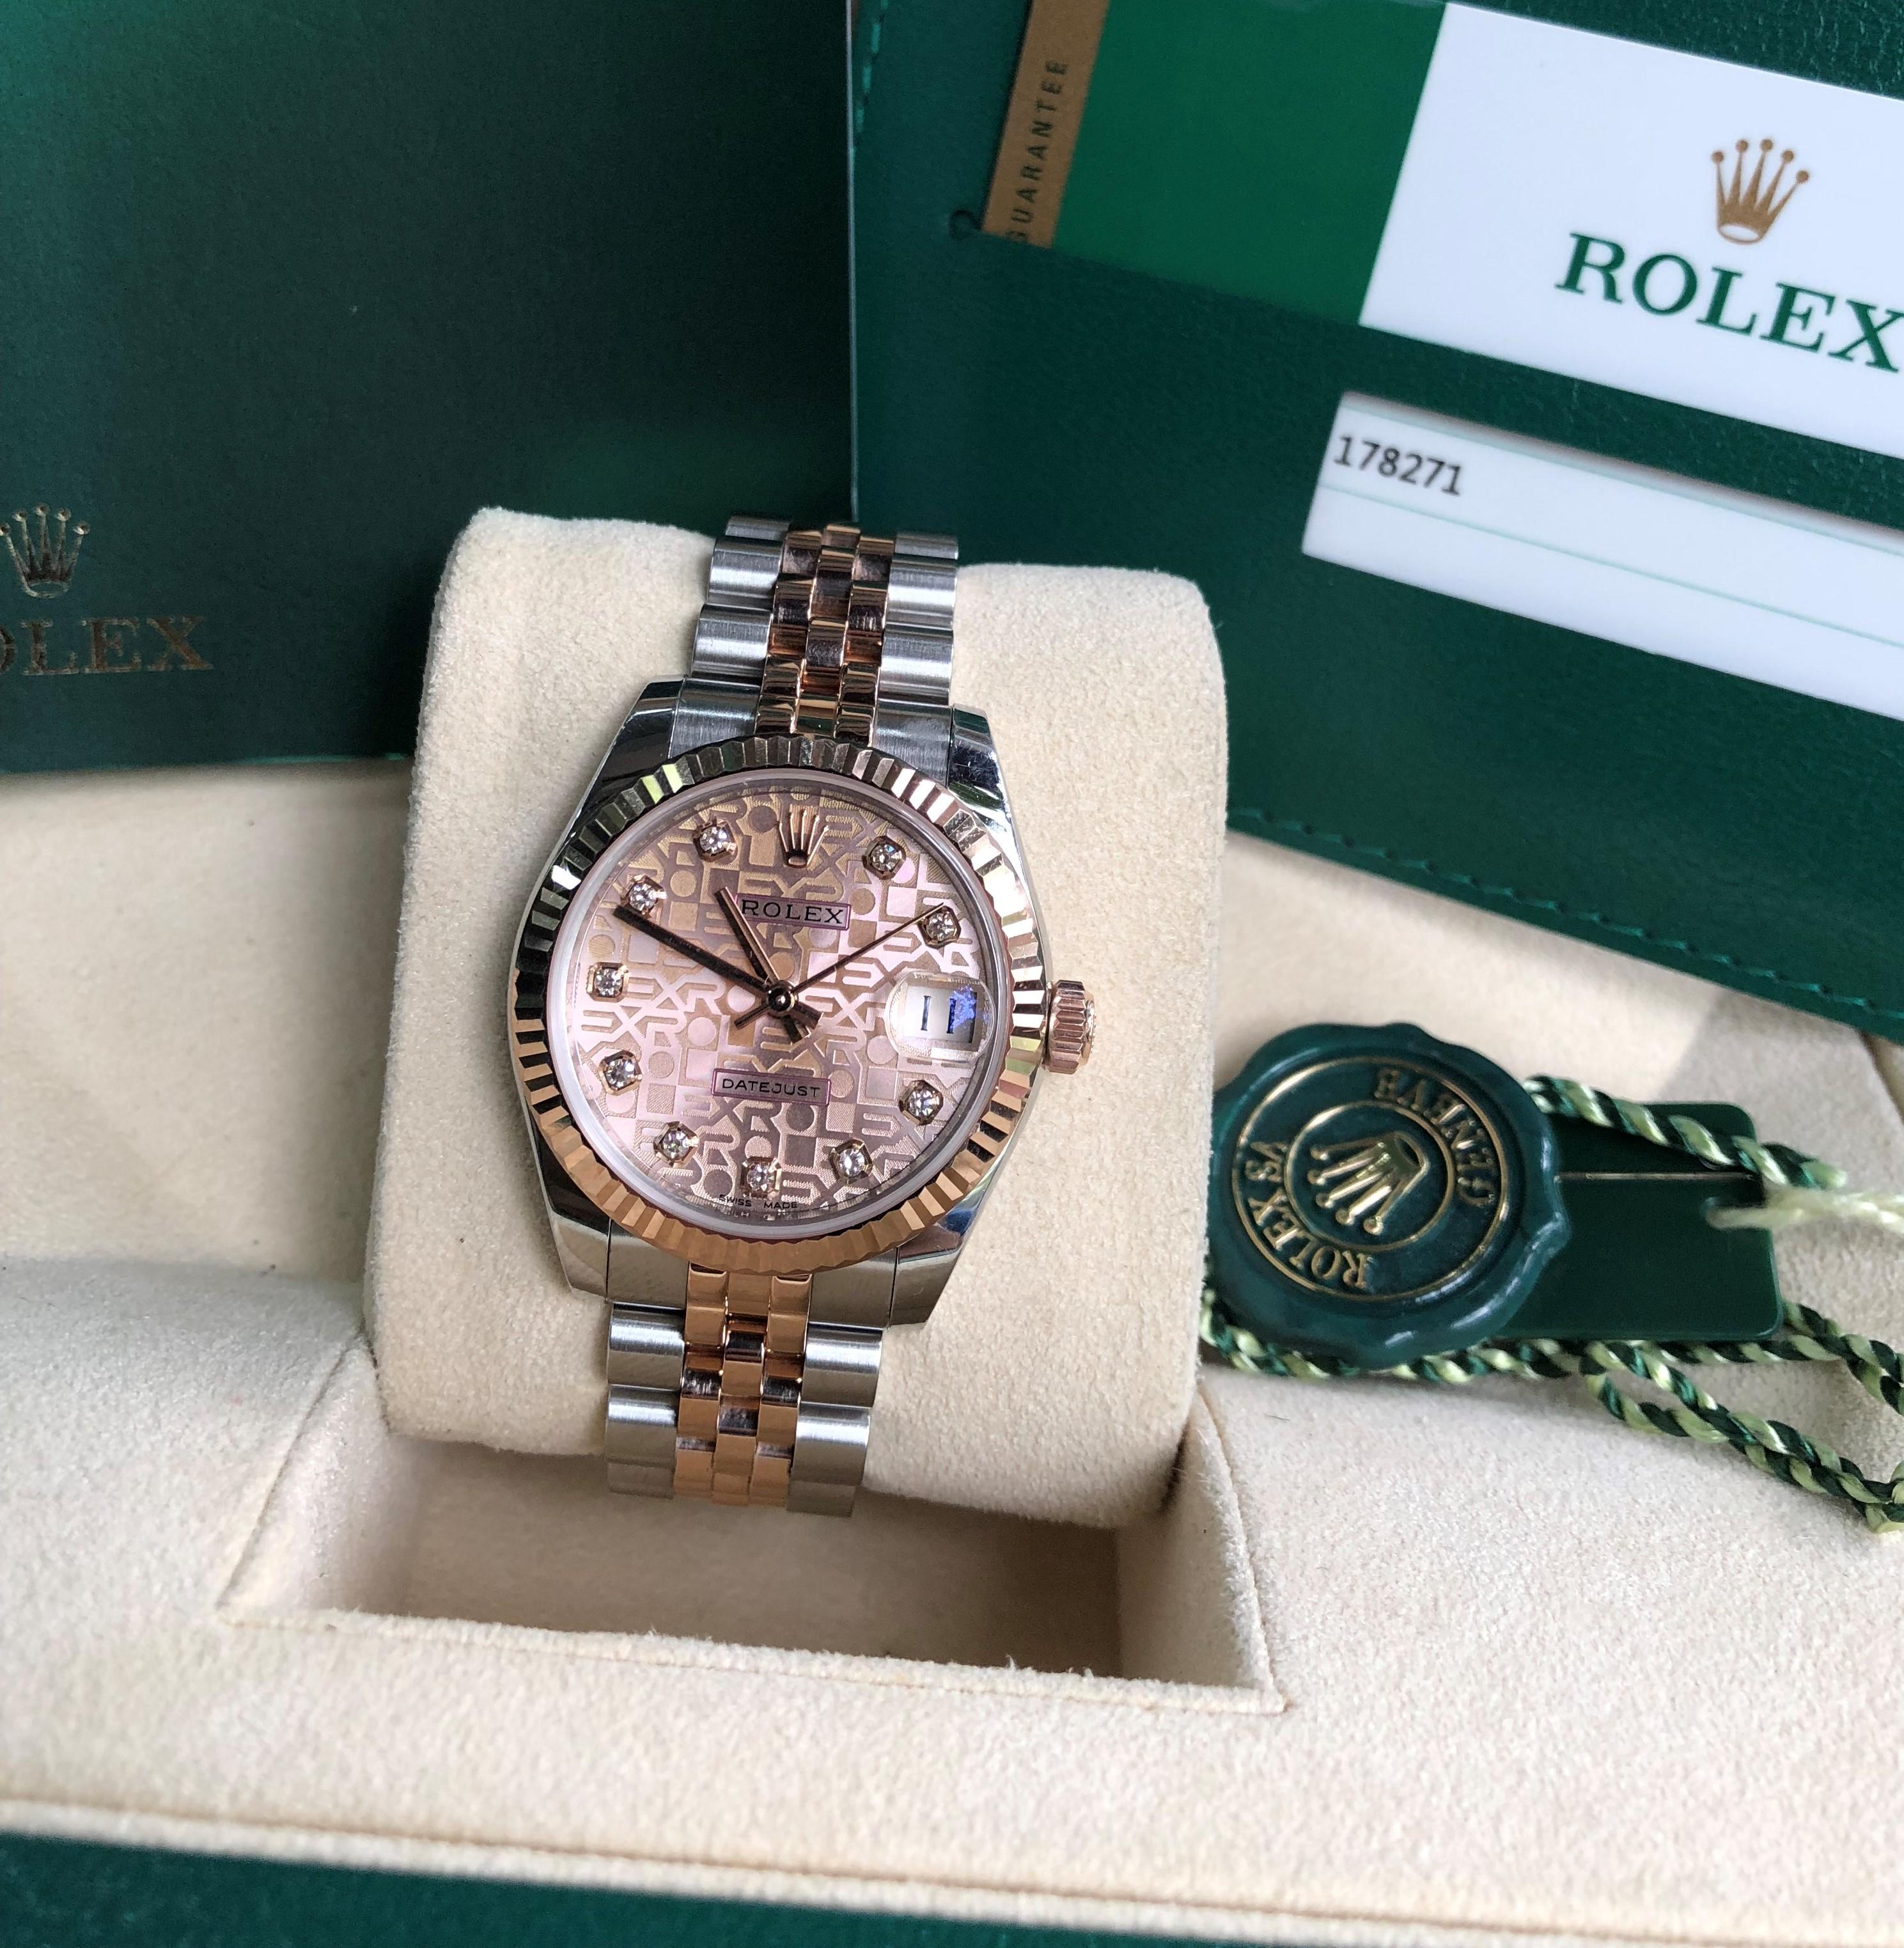 Rolex 178271 mặt vi tính phấn hồng cọc kim cương fullbox 2018